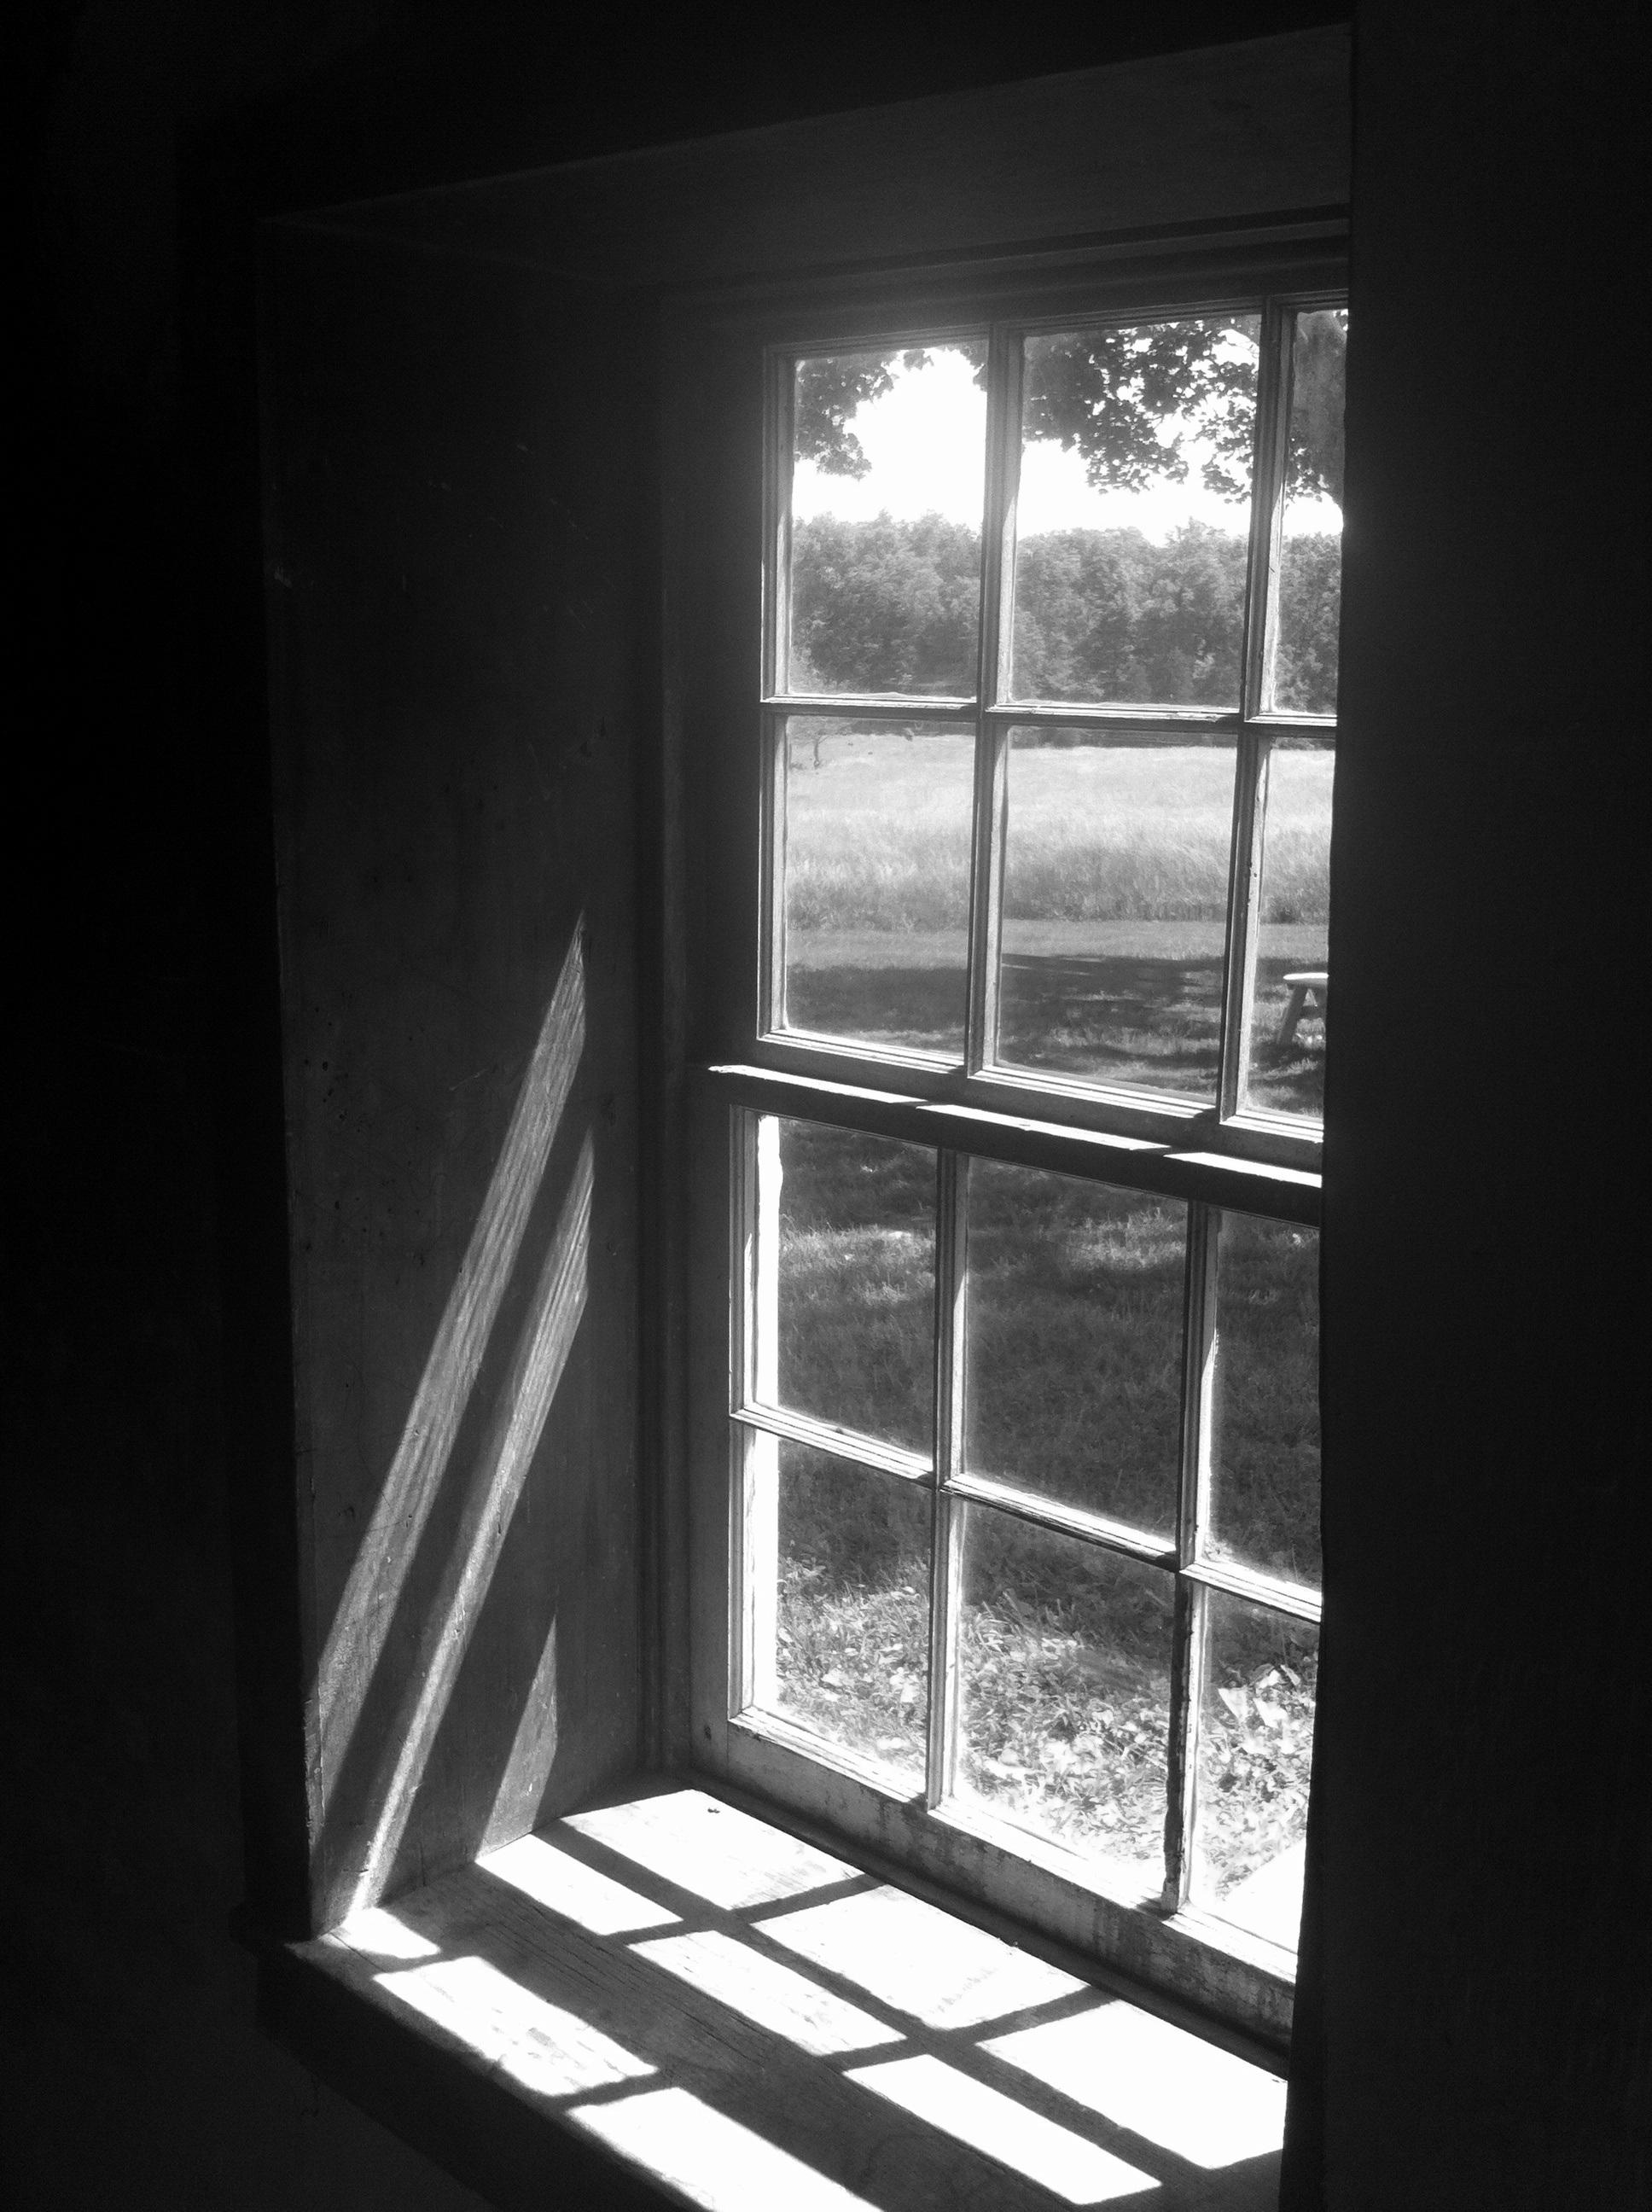 무료 이미지 빛 검정색과 흰색 화이트 집 창문 유리 벽 그림자 어둠 검은 단색화